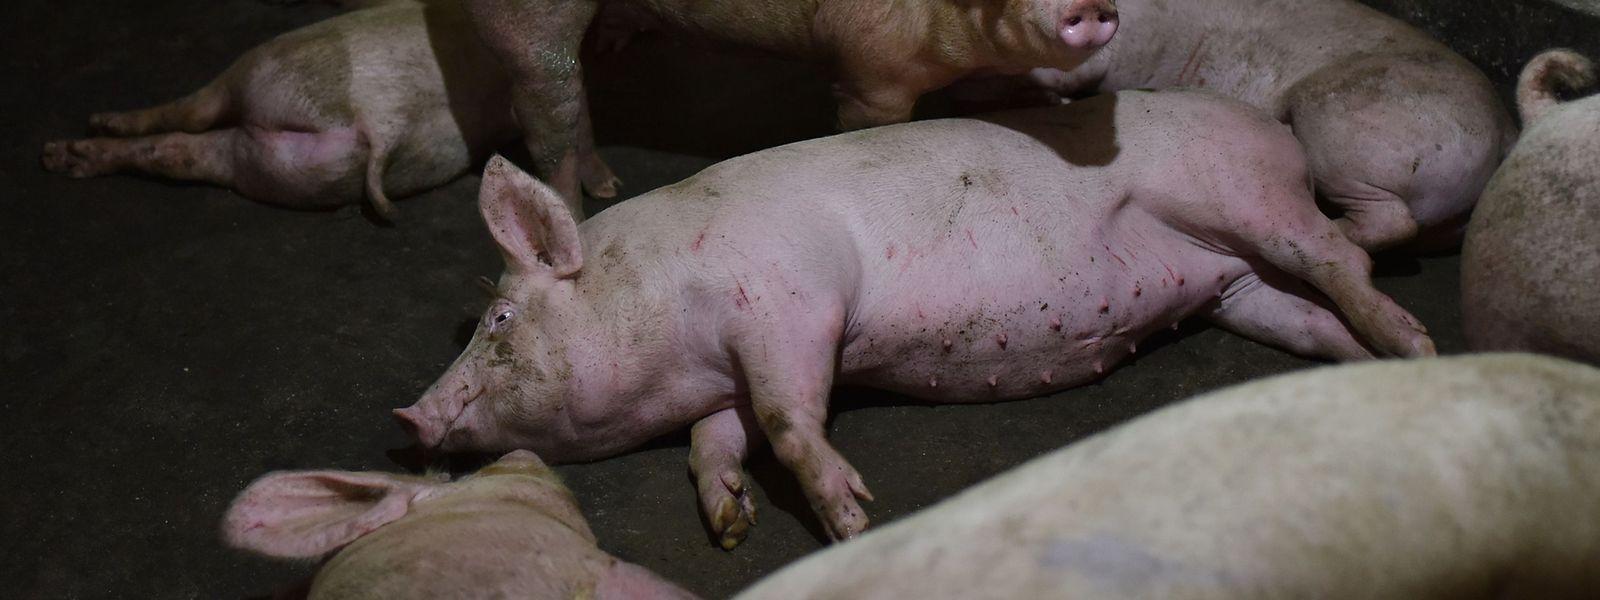 Wissenschaftler haben in China eine Variante des Schweinegrippe-Virus identifiziert, die das Potenzial für eine Pandemie unter Menschen entwickeln könnte.